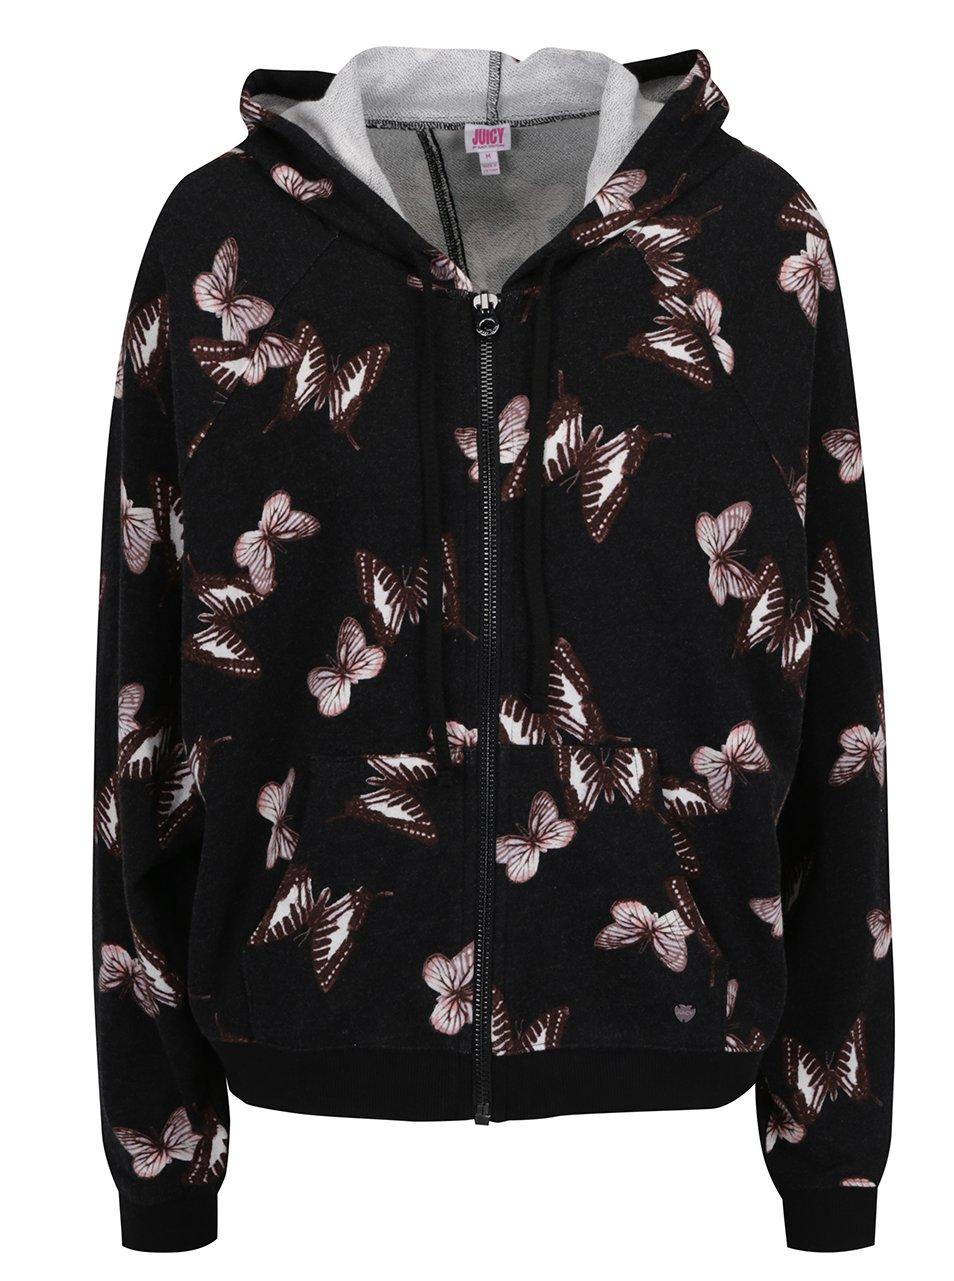 Černá mikina na zip s motivem motýlů a s vykrojeným zadním dílem Juicy Couture